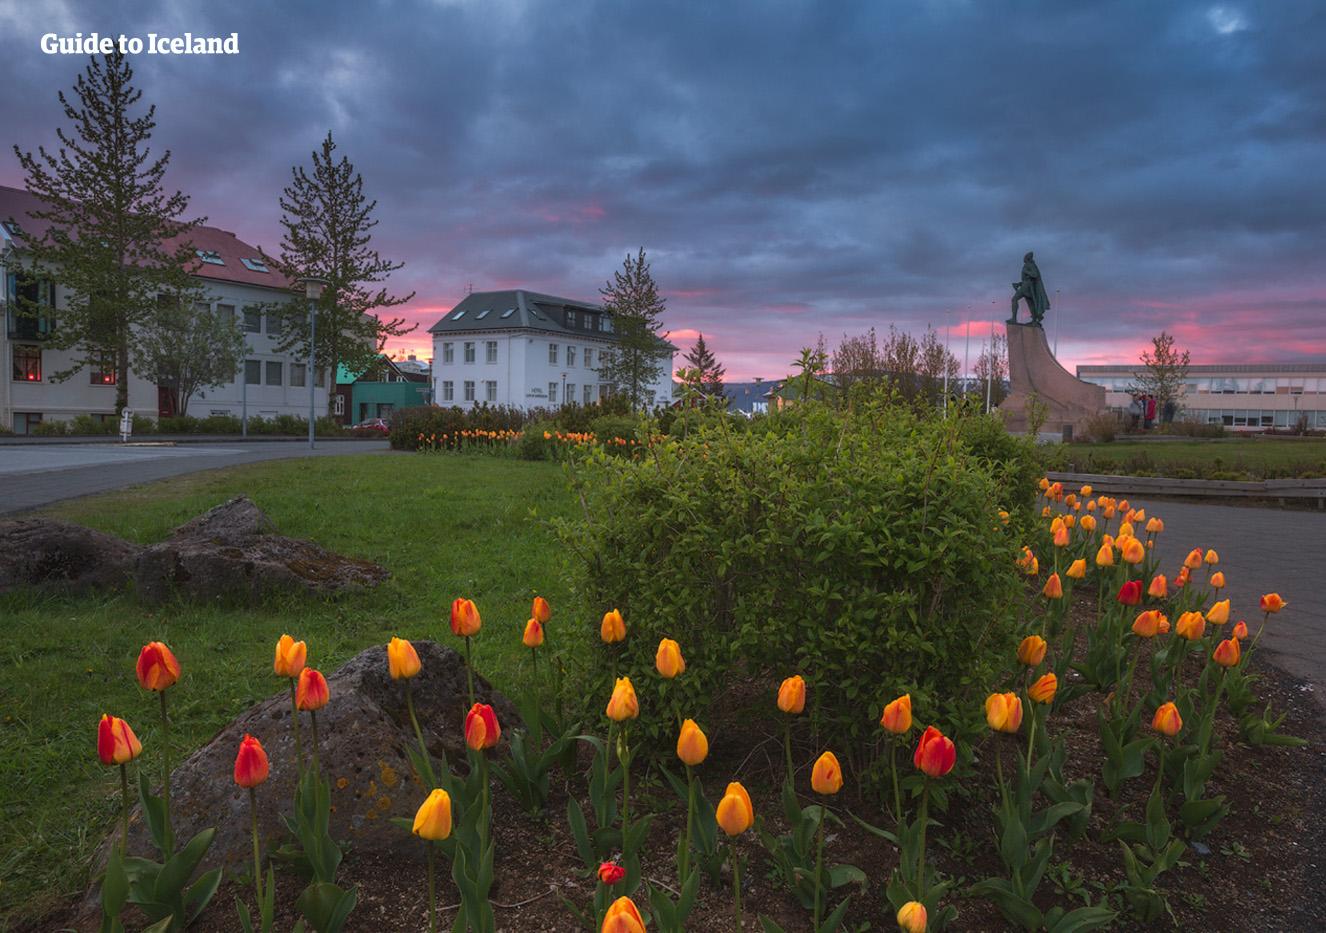 冰岛首都雷克雅未克的城市街景